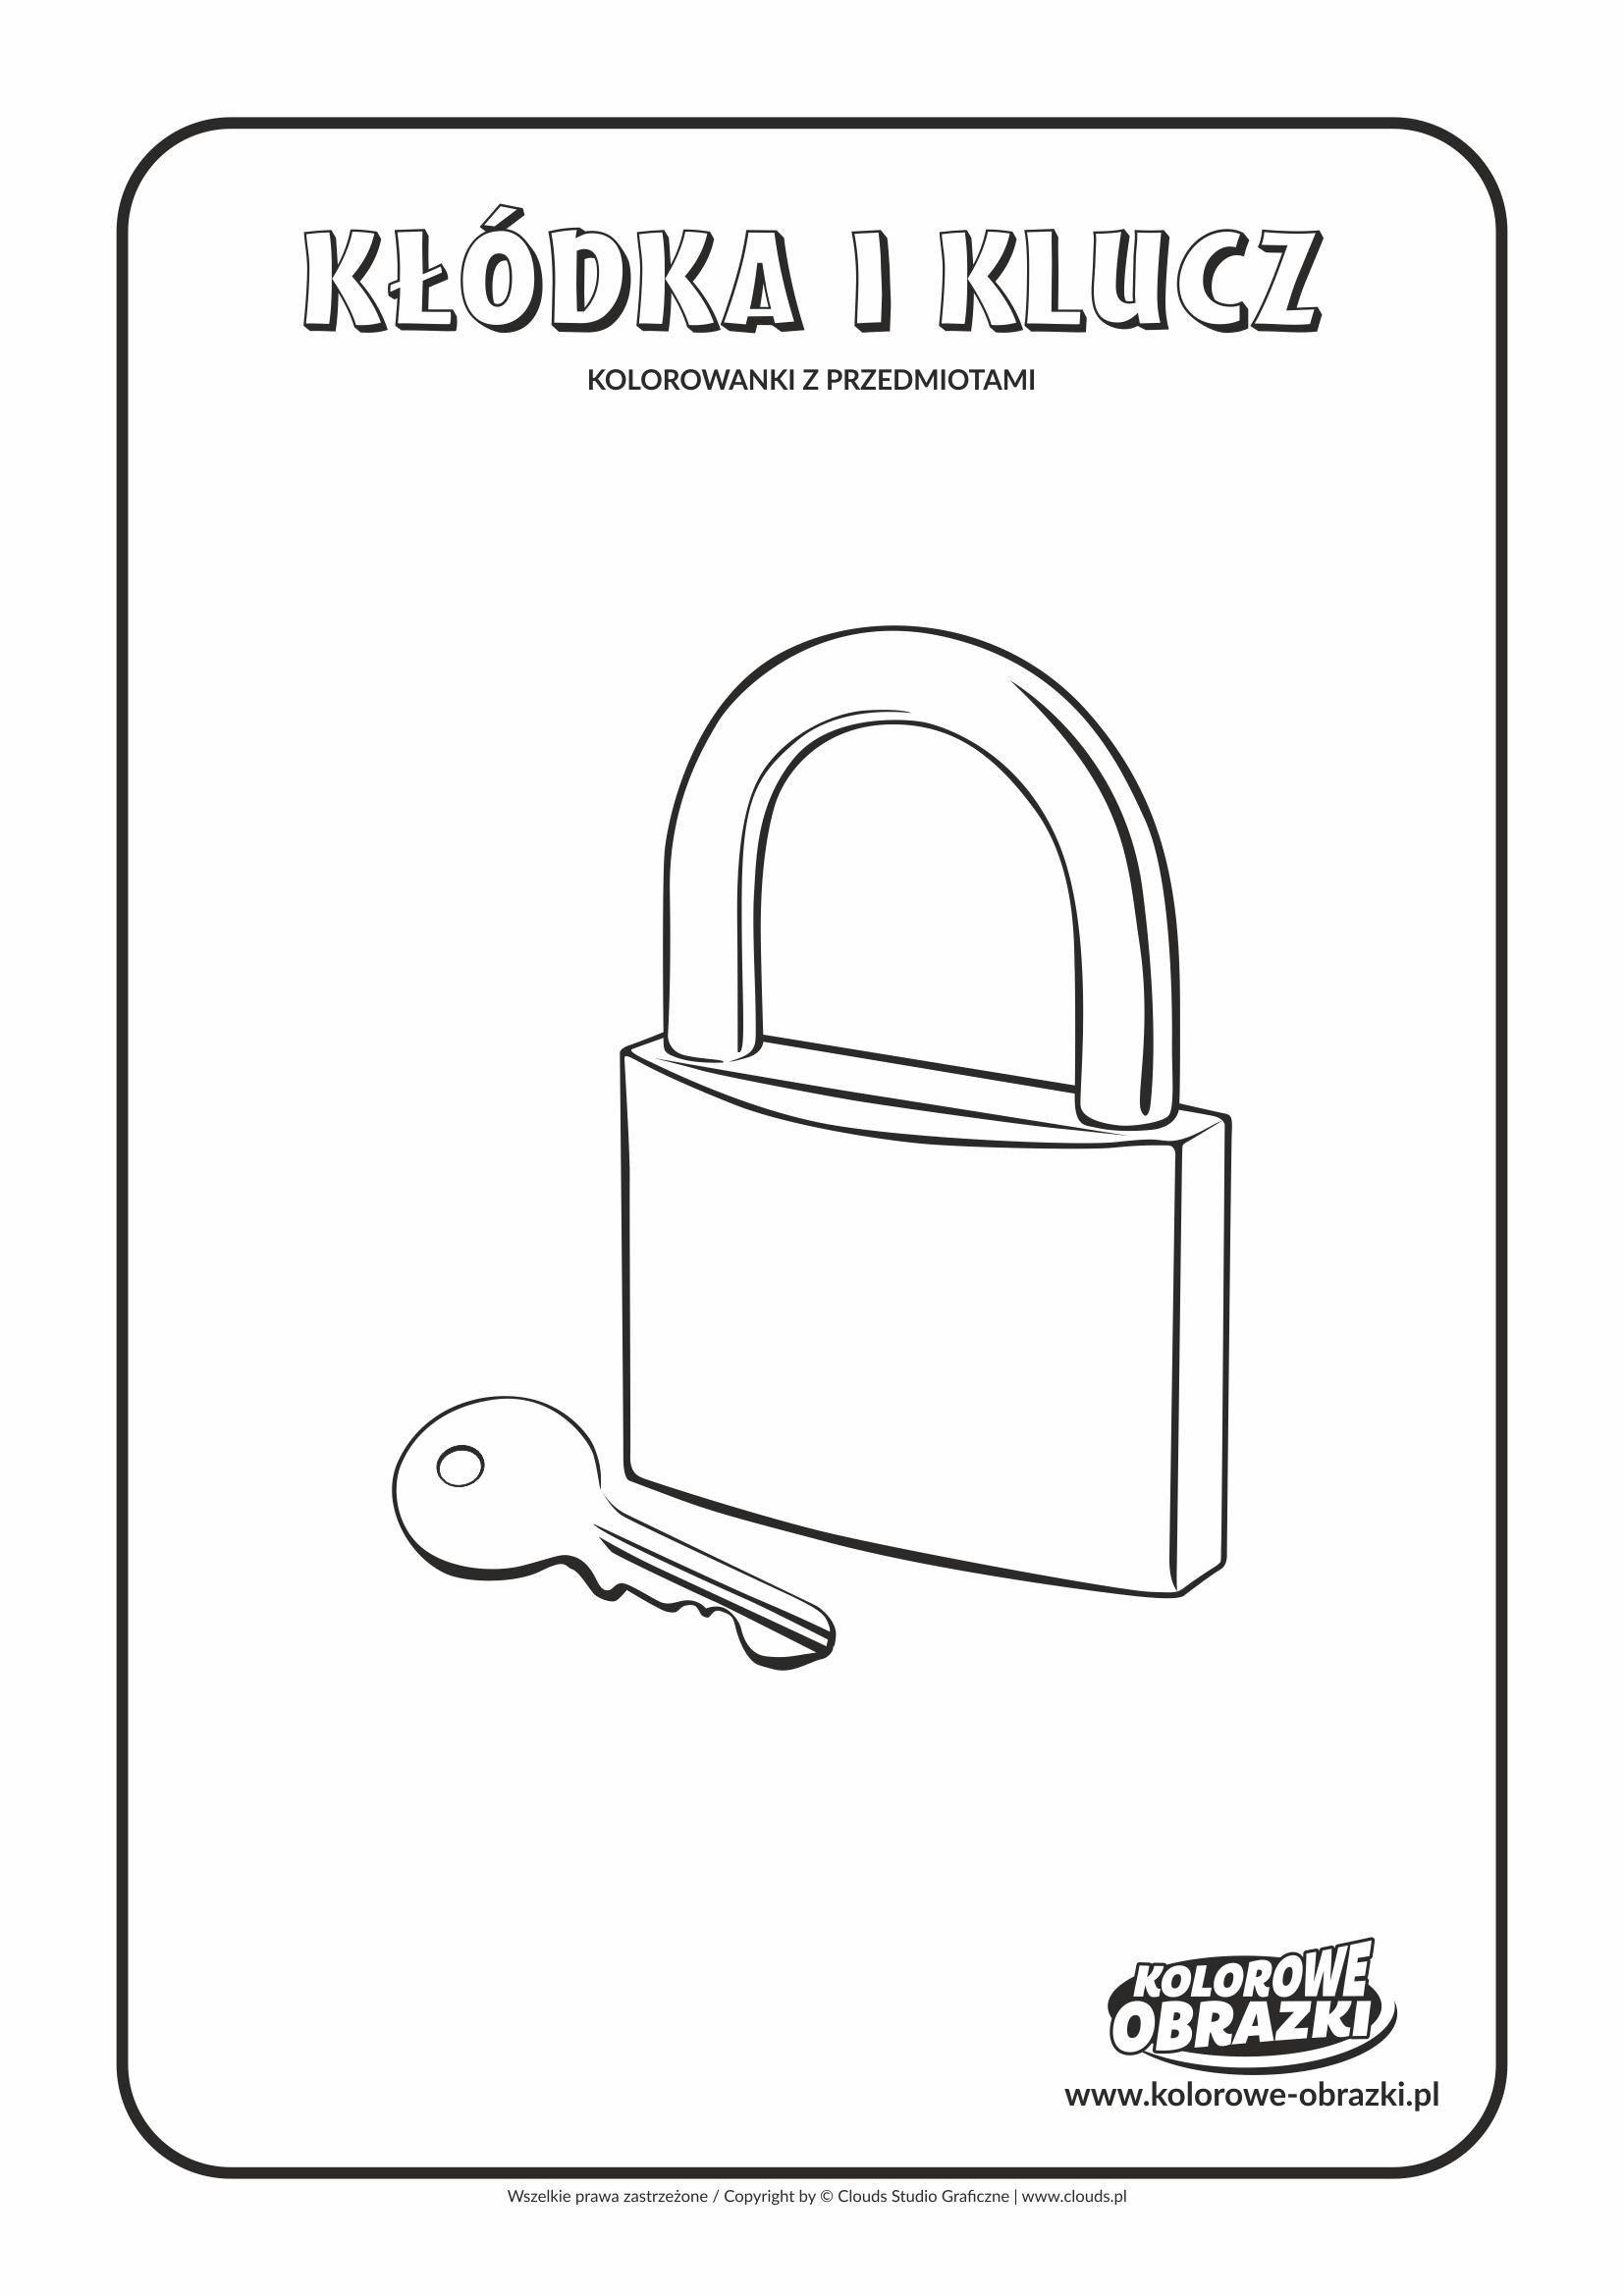 Kolorowanki dla dzieci - Przedmioty / Kłódka i klucz. Kolorowanka z kłódką i kluczem